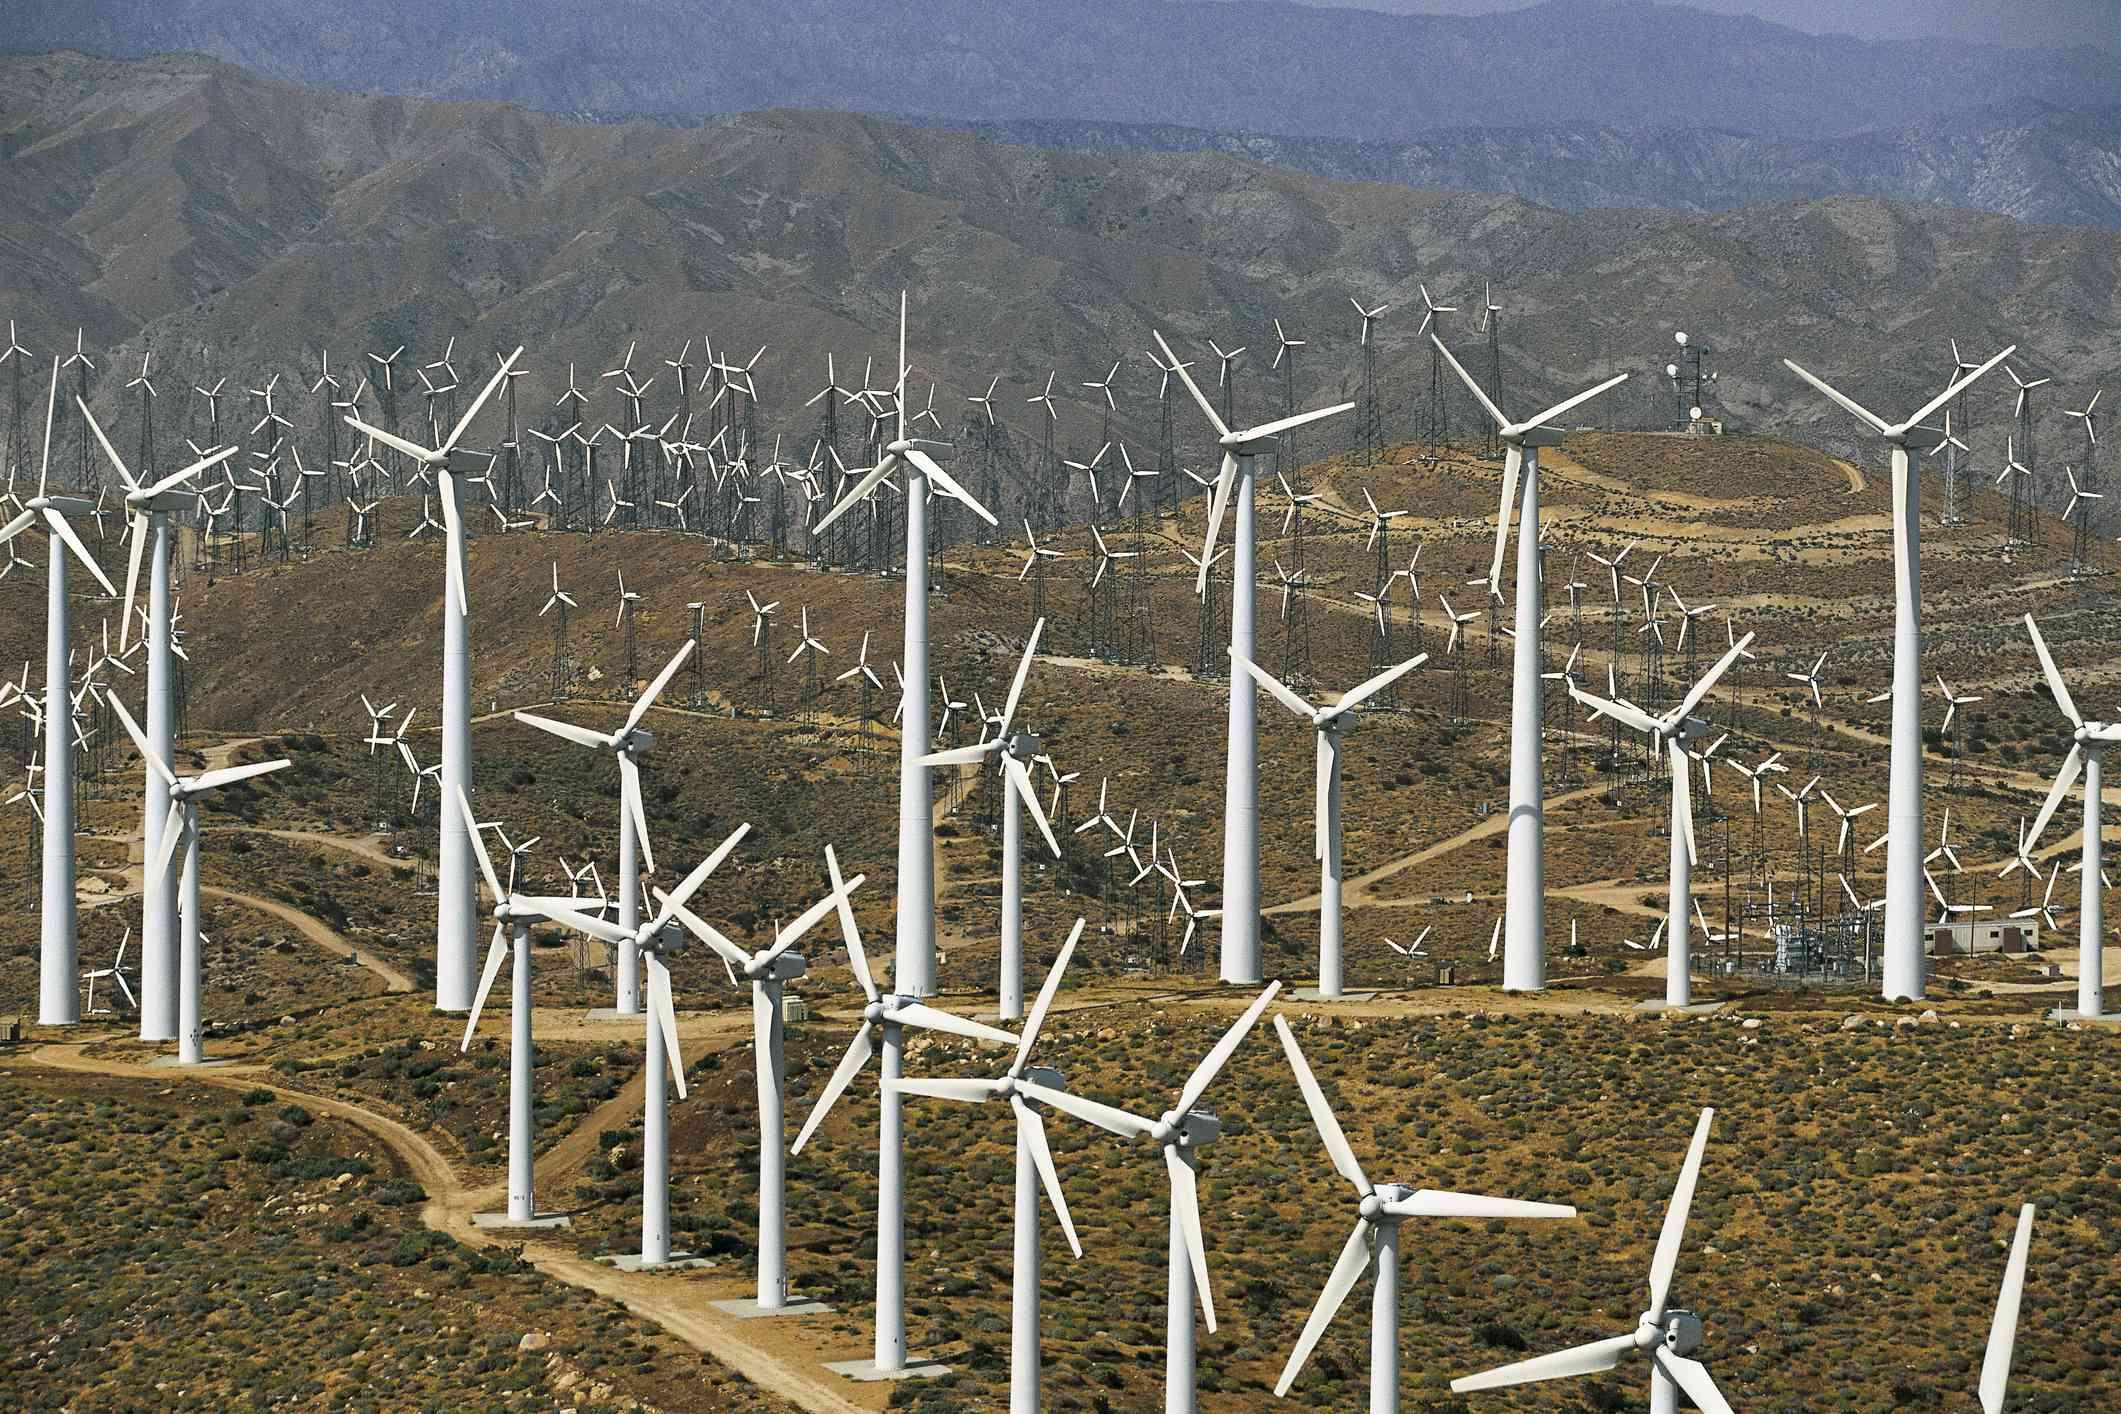 Aerogeneradores en el parque eólico de San Gorgonio Pass